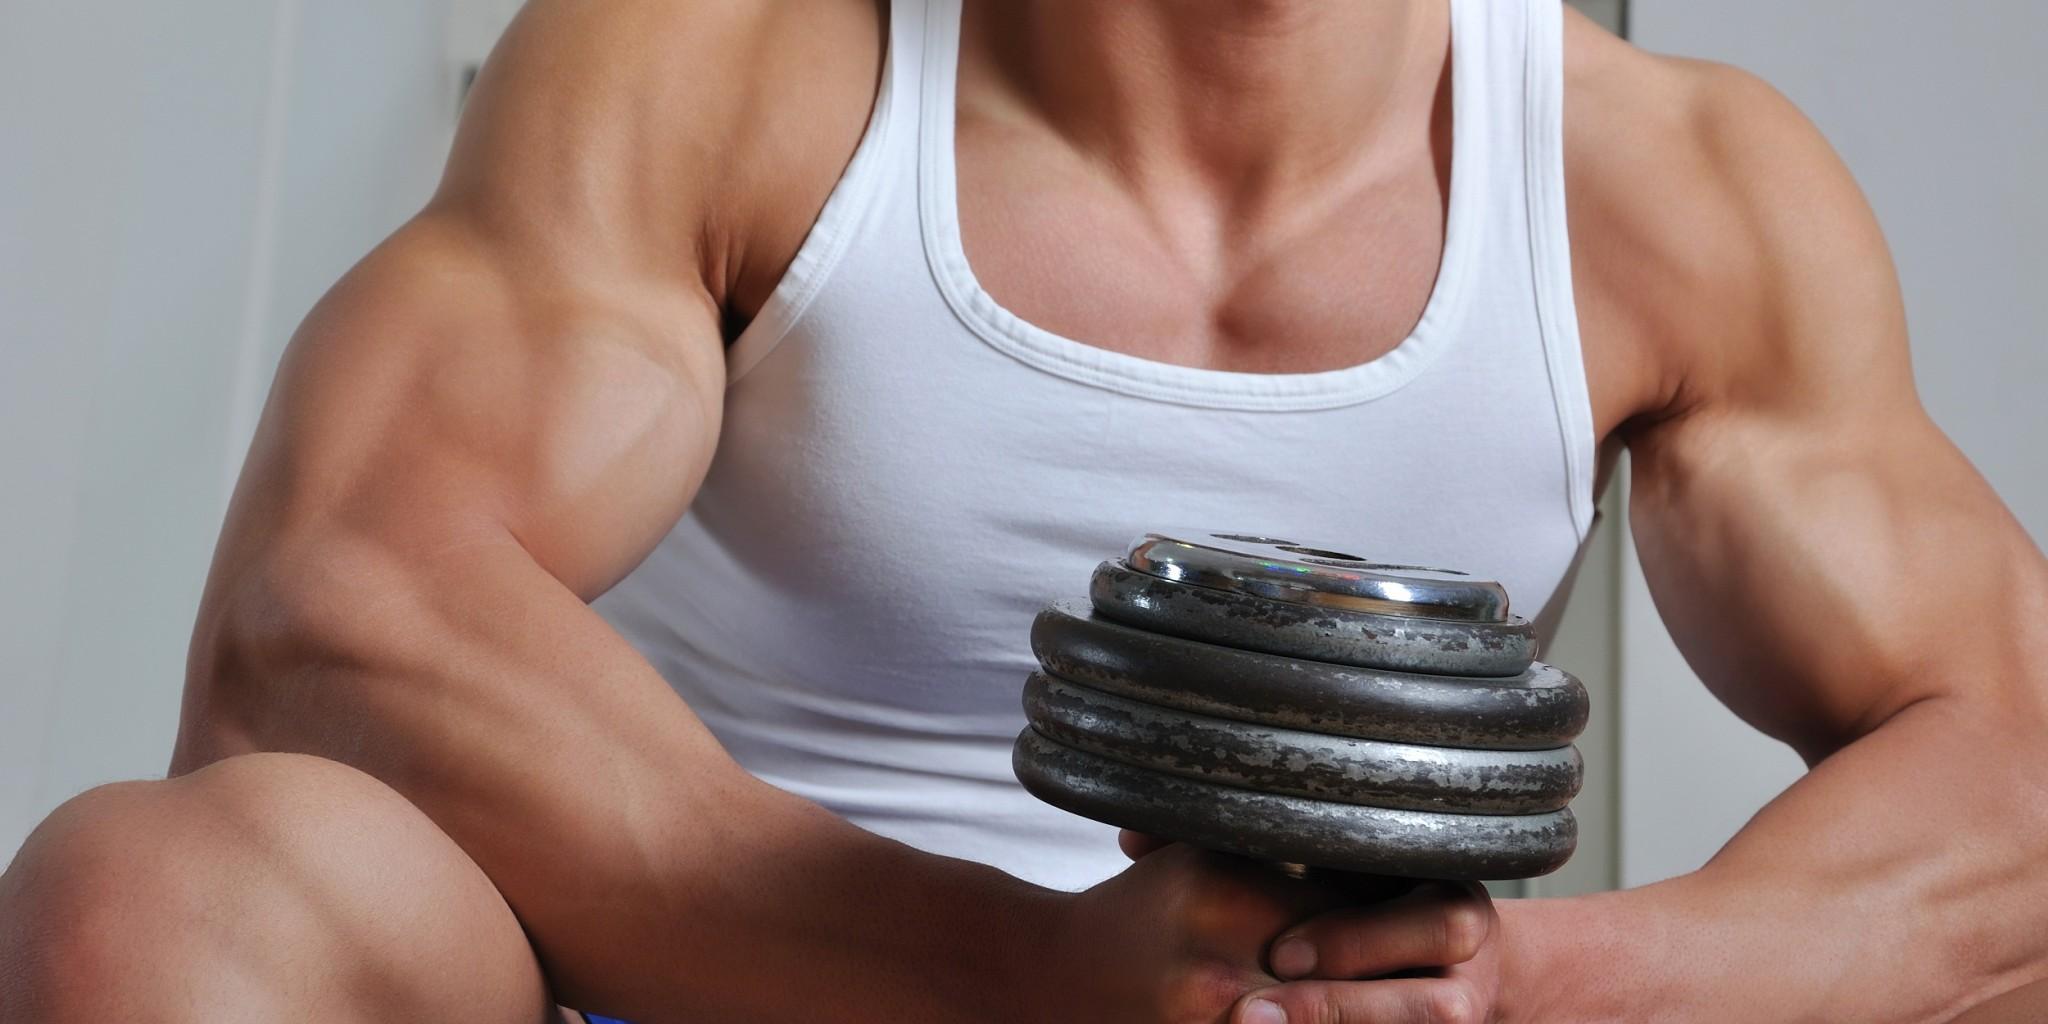 БЖУ для набора мышечной массы мужчине